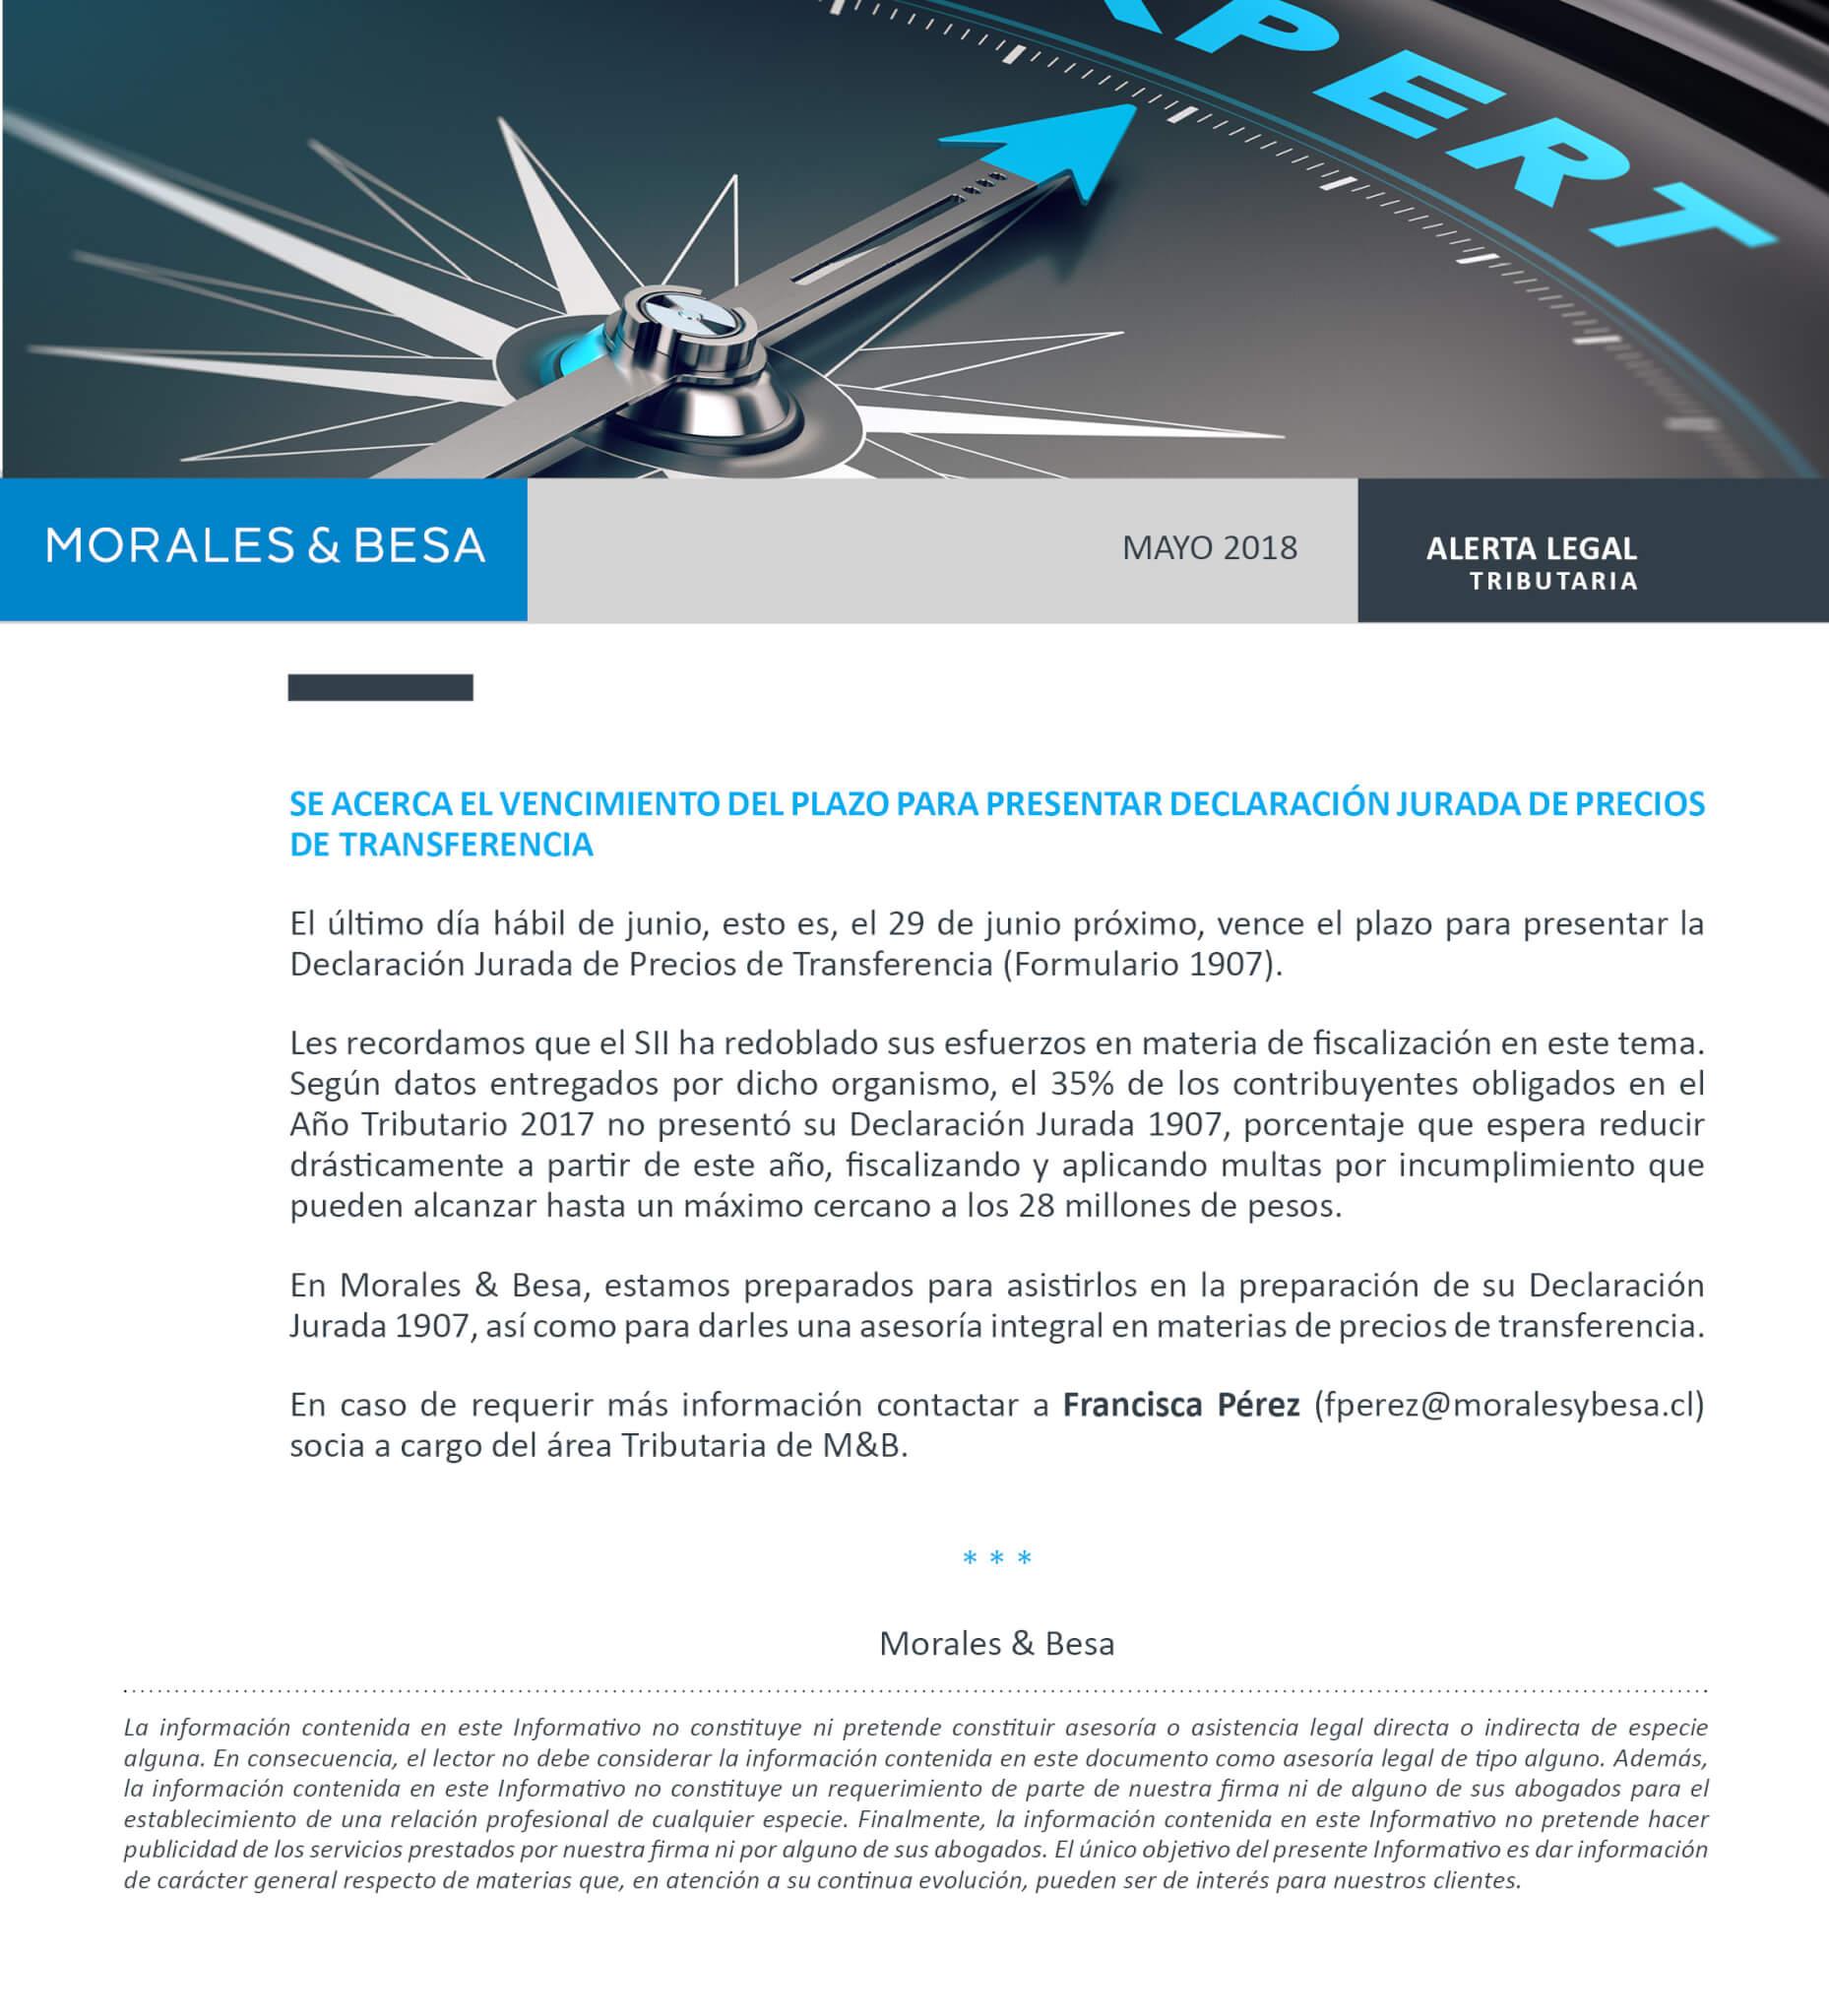 Morales & Besa_Alerta Legal_Tributaria_Mayo 2018